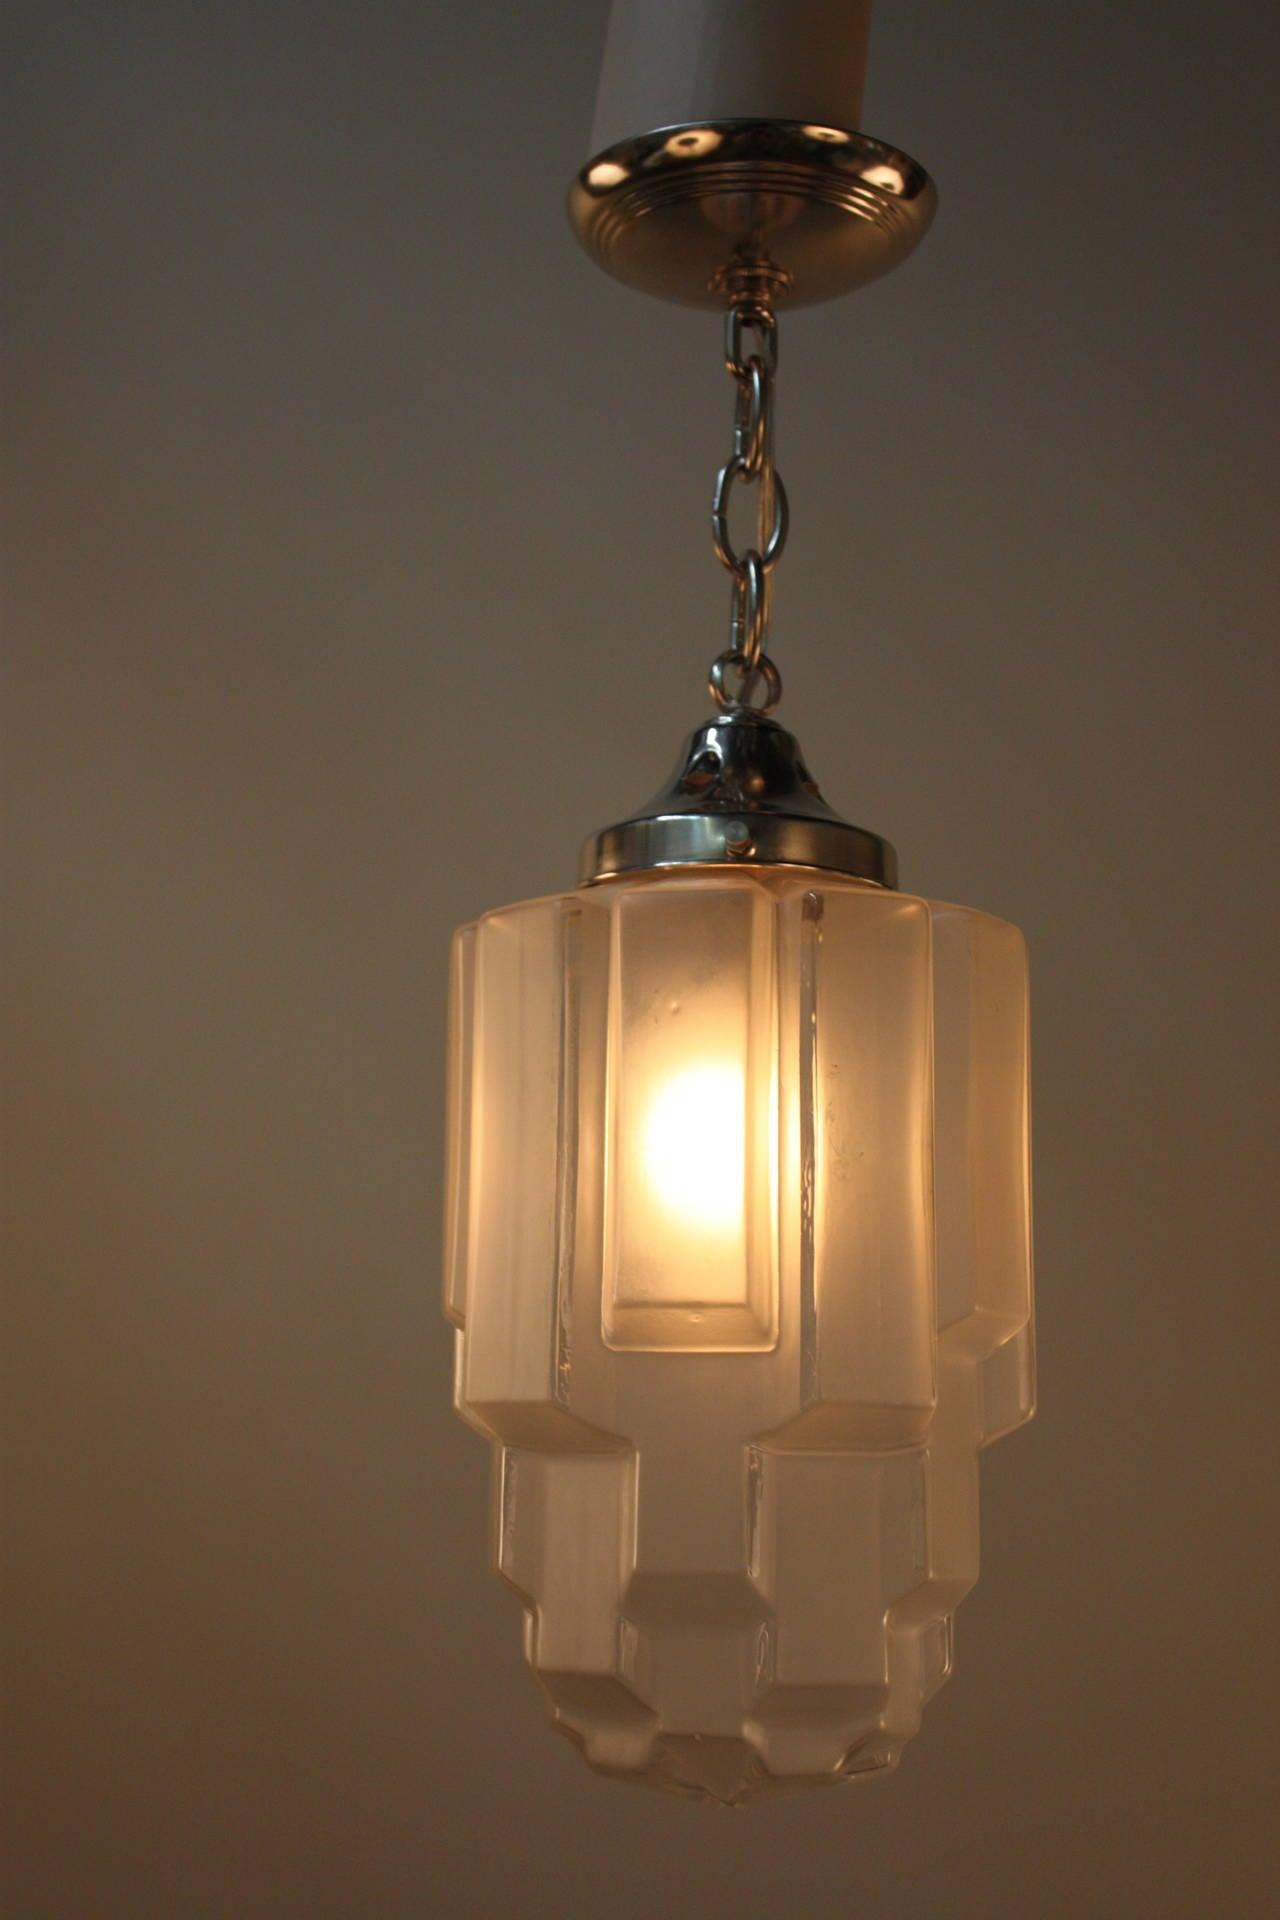 1930s art deco pendant light at 1stdibs for Artistic pendant lights